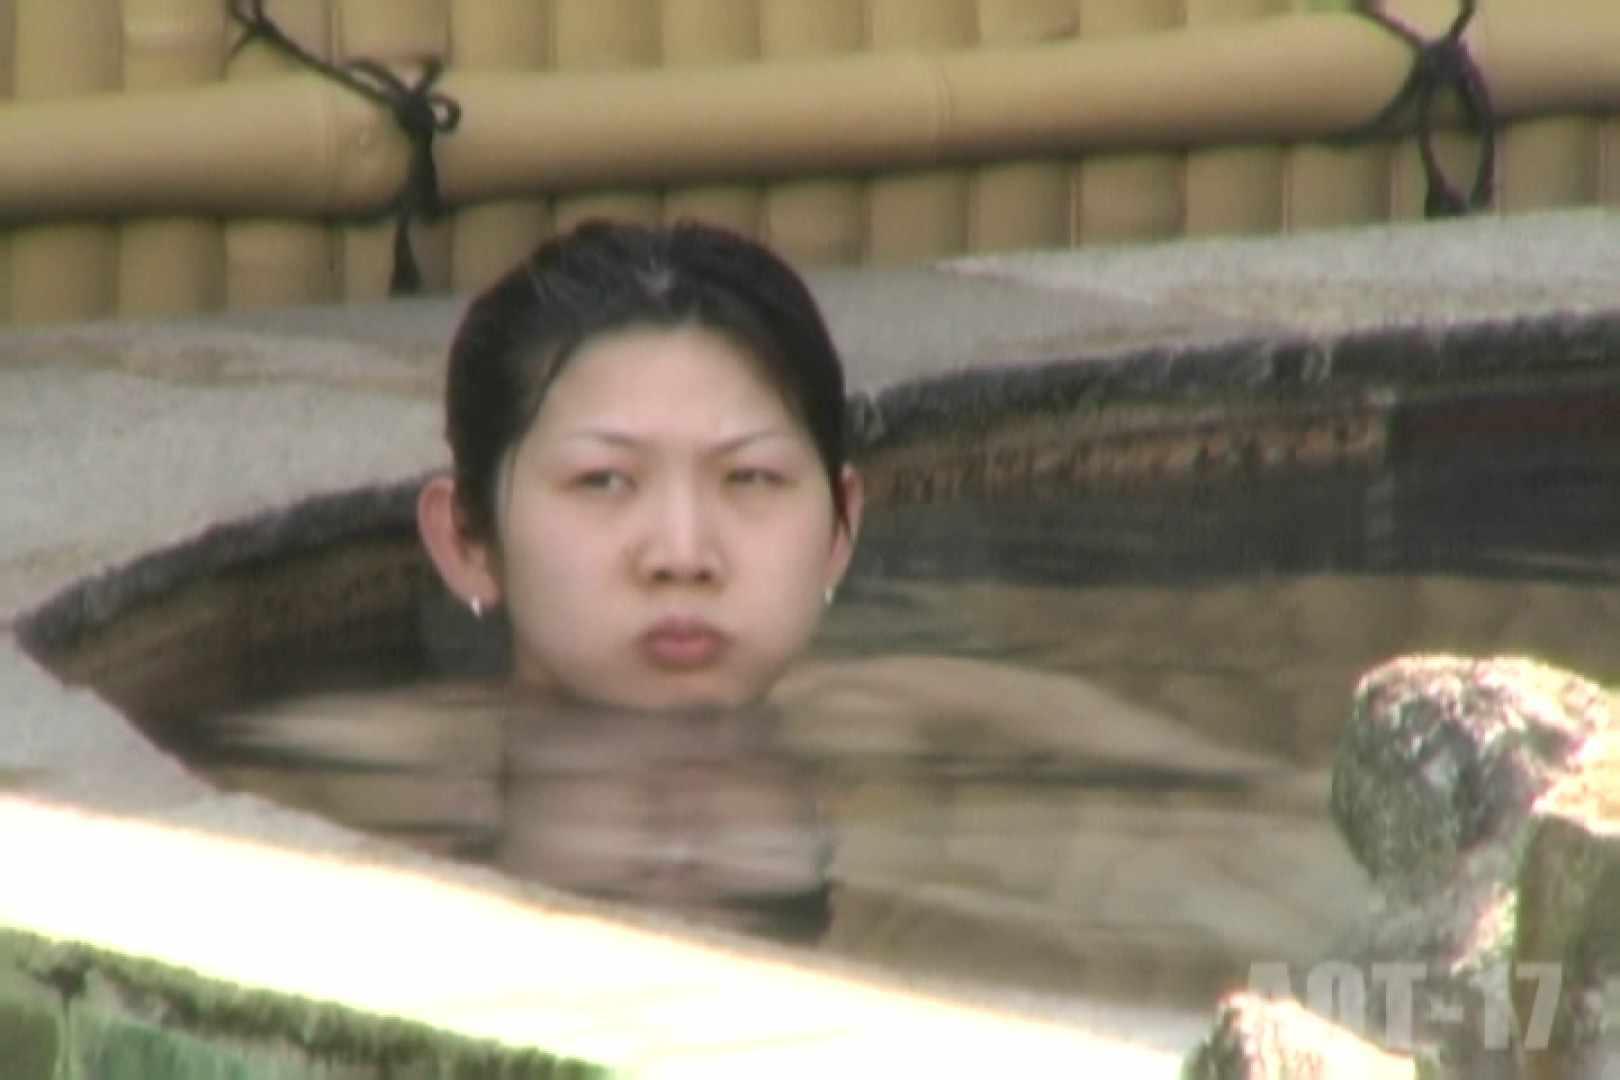 Aquaな露天風呂Vol.850 綺麗なOLたち | 盗撮  72枚 70